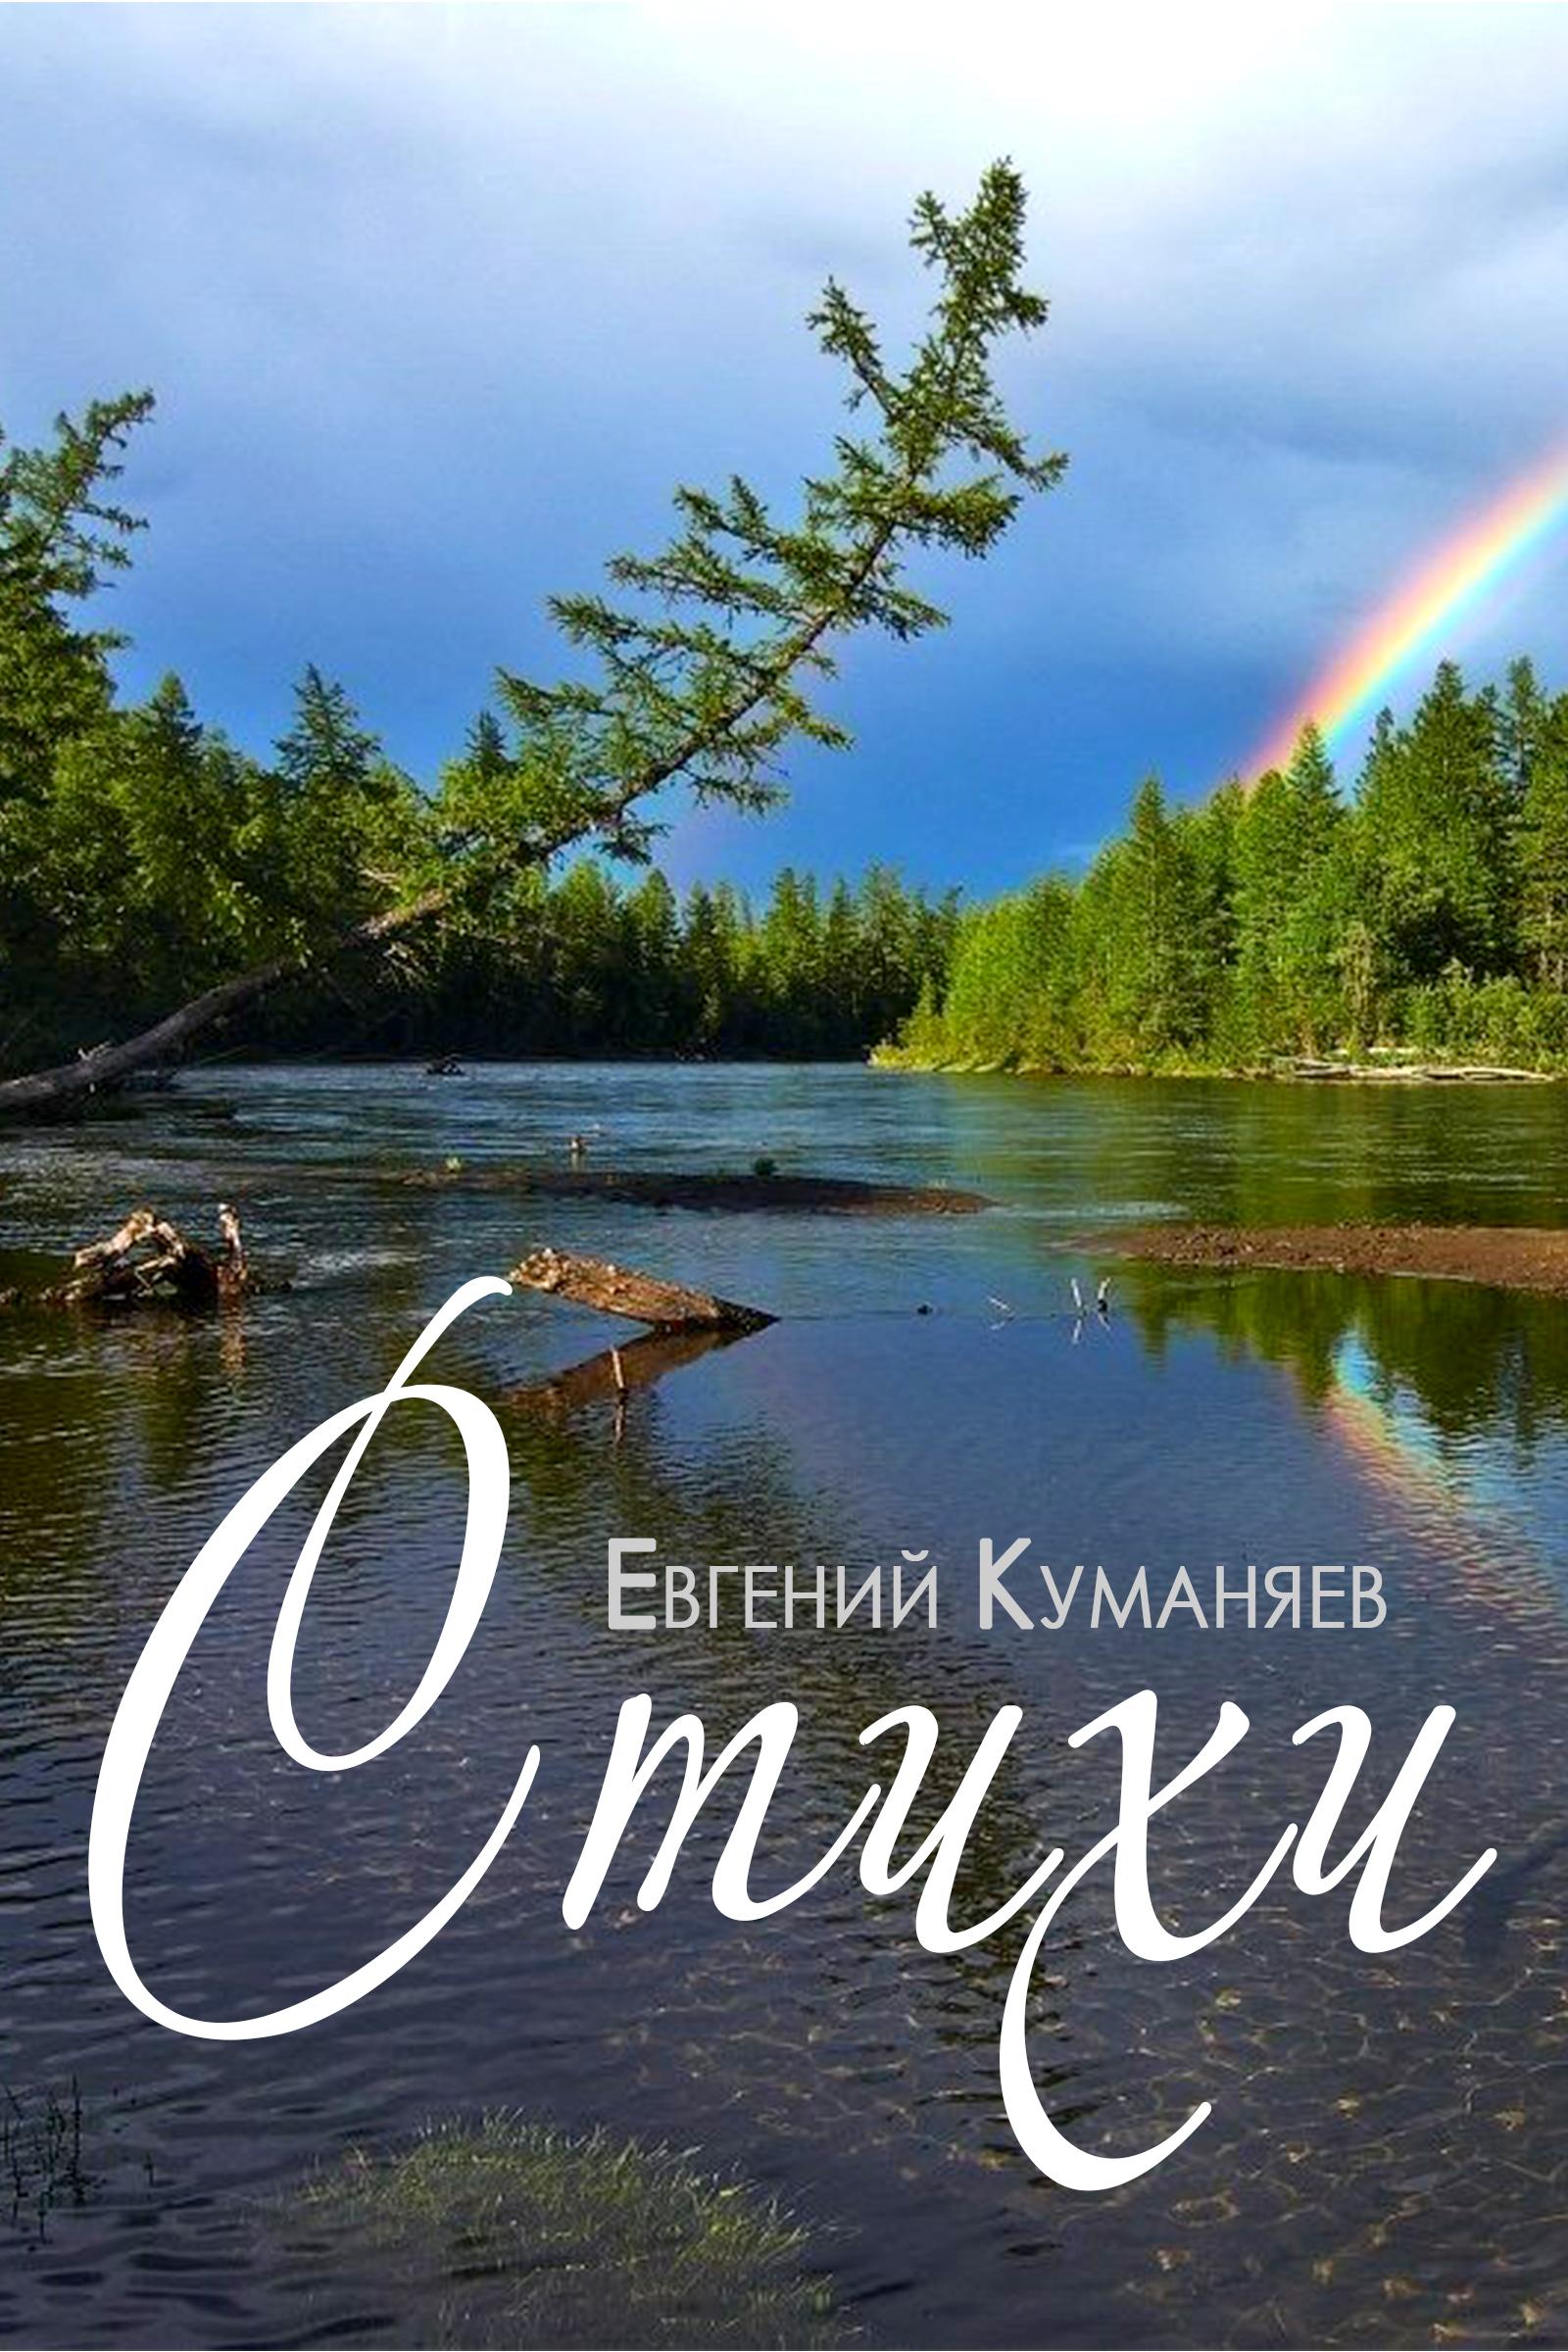 Евгений Куманяев Стихи